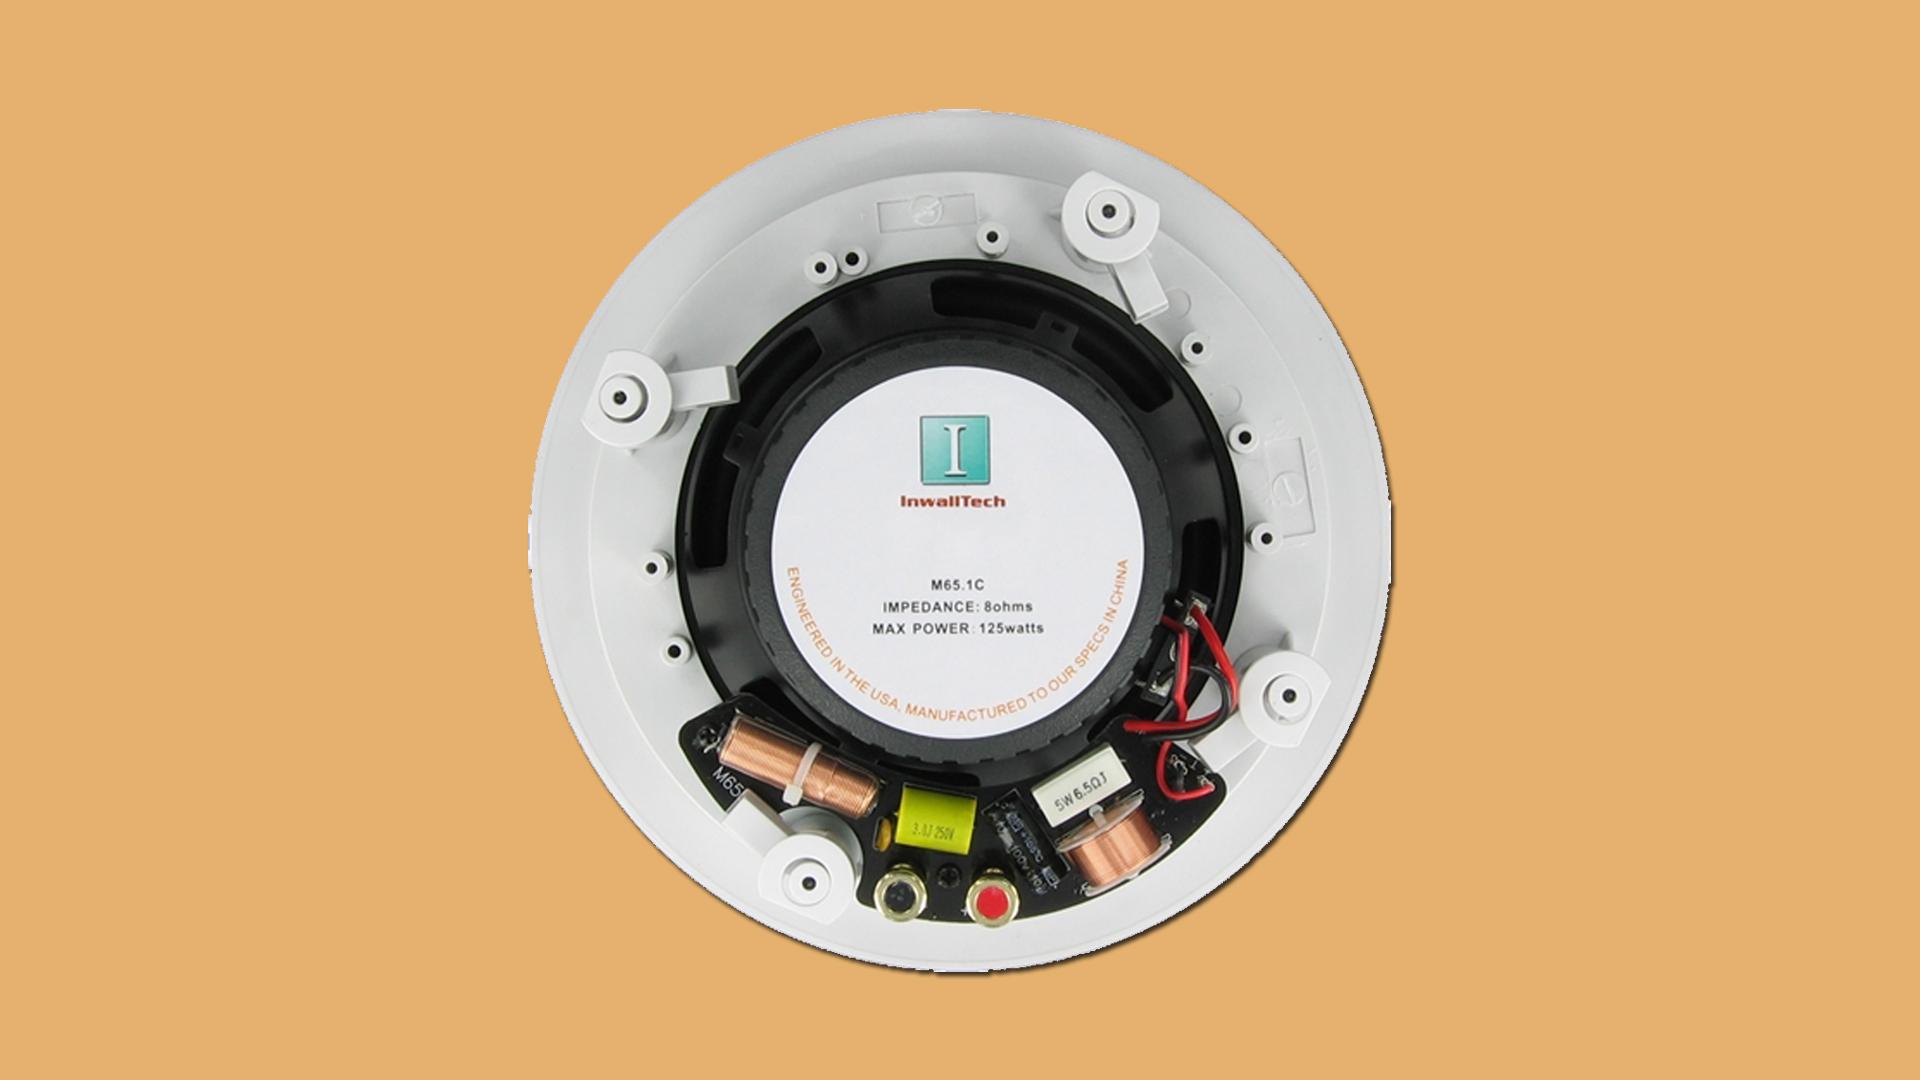 InwallTech In-ceiling Speakers M65 1C 3